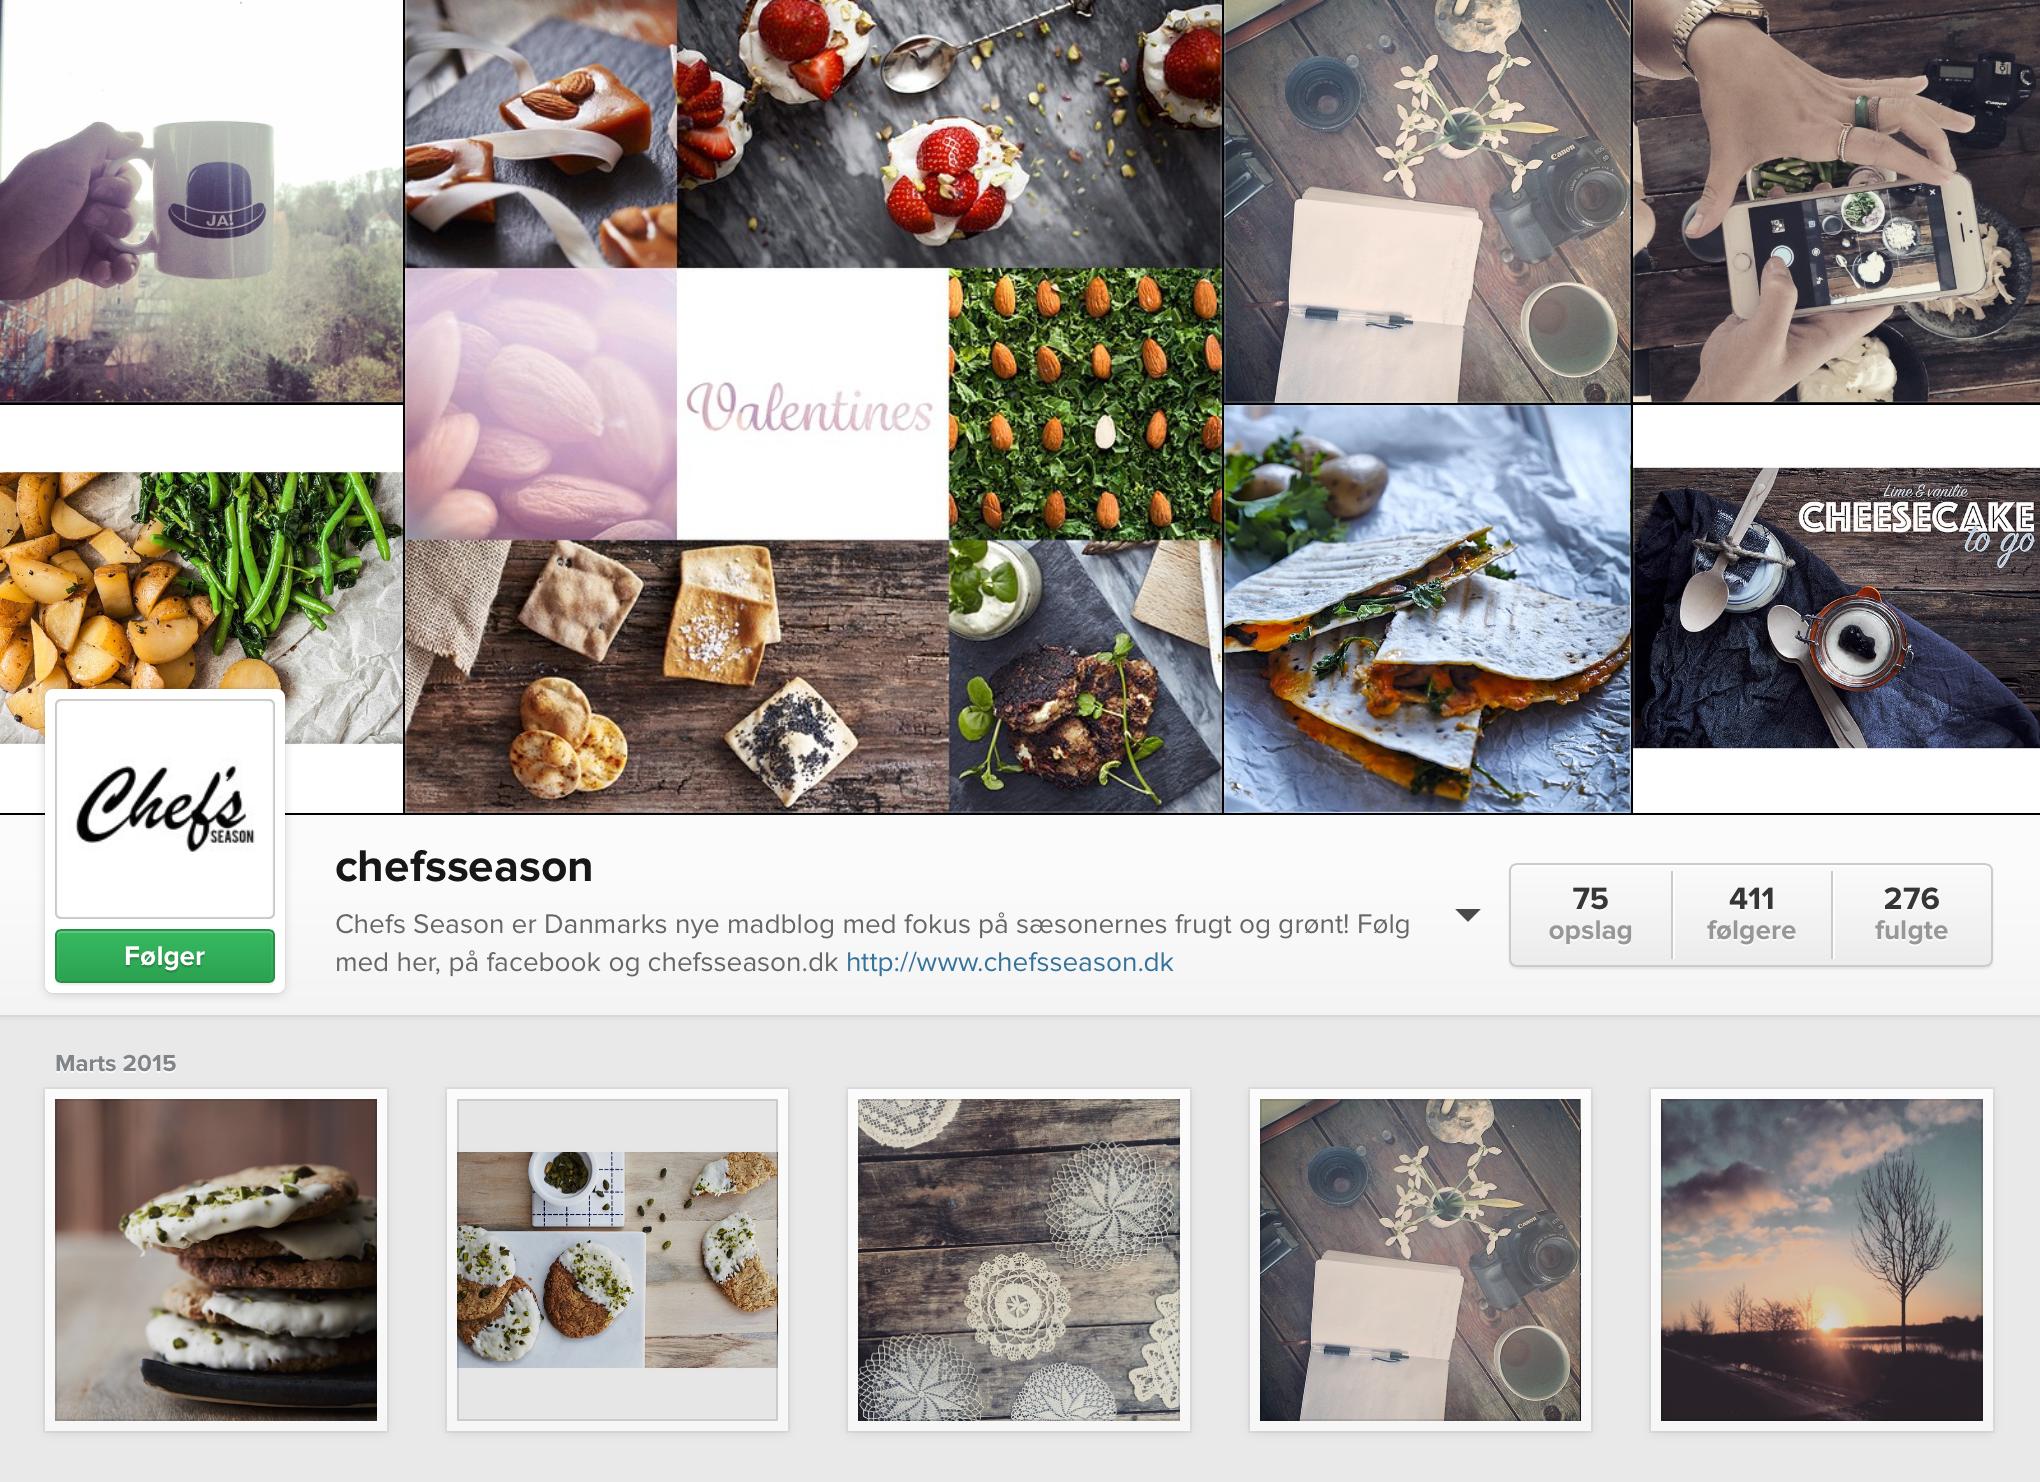 Chefsseason dansk madblog sæsonvarer